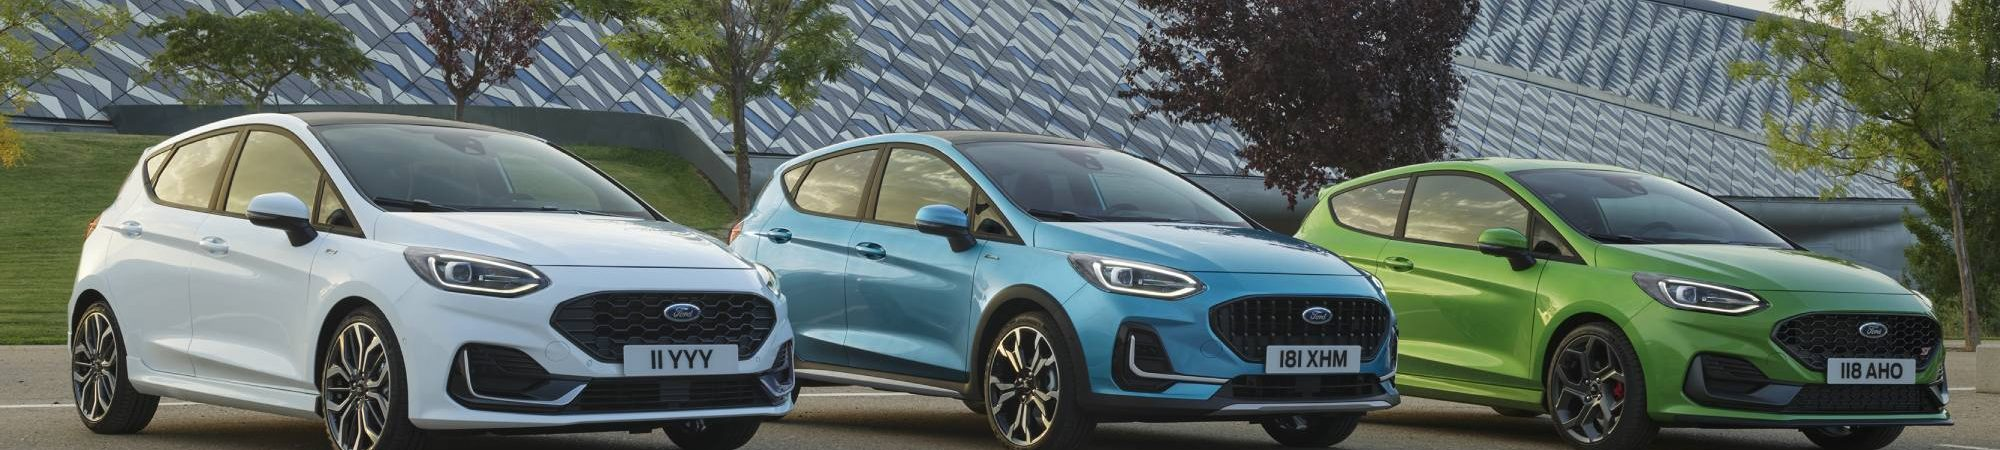 três novos carros Ford Fiesta de 2022